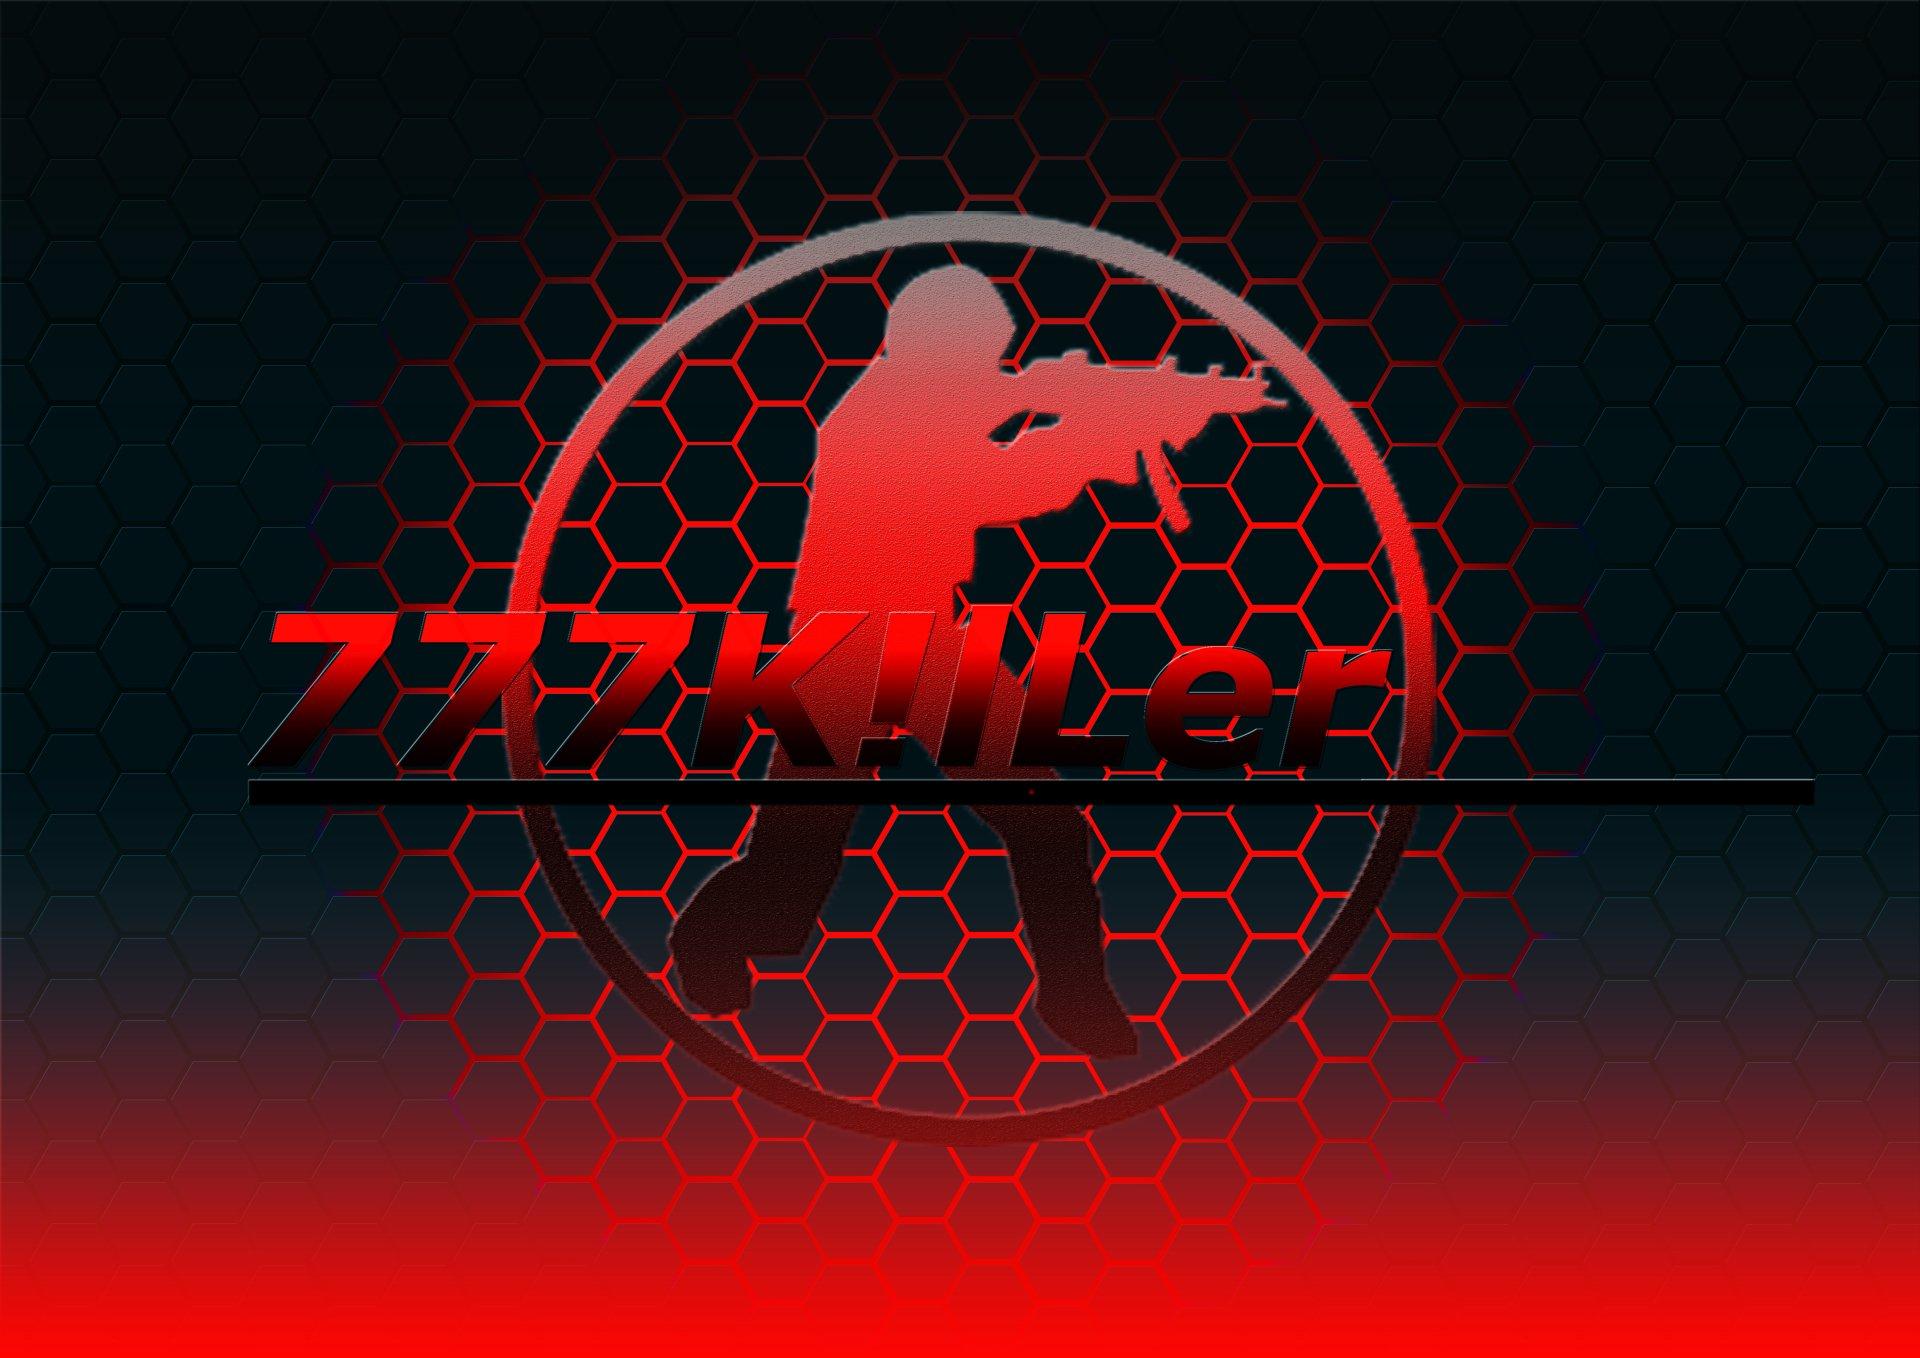 Art ID: 142432